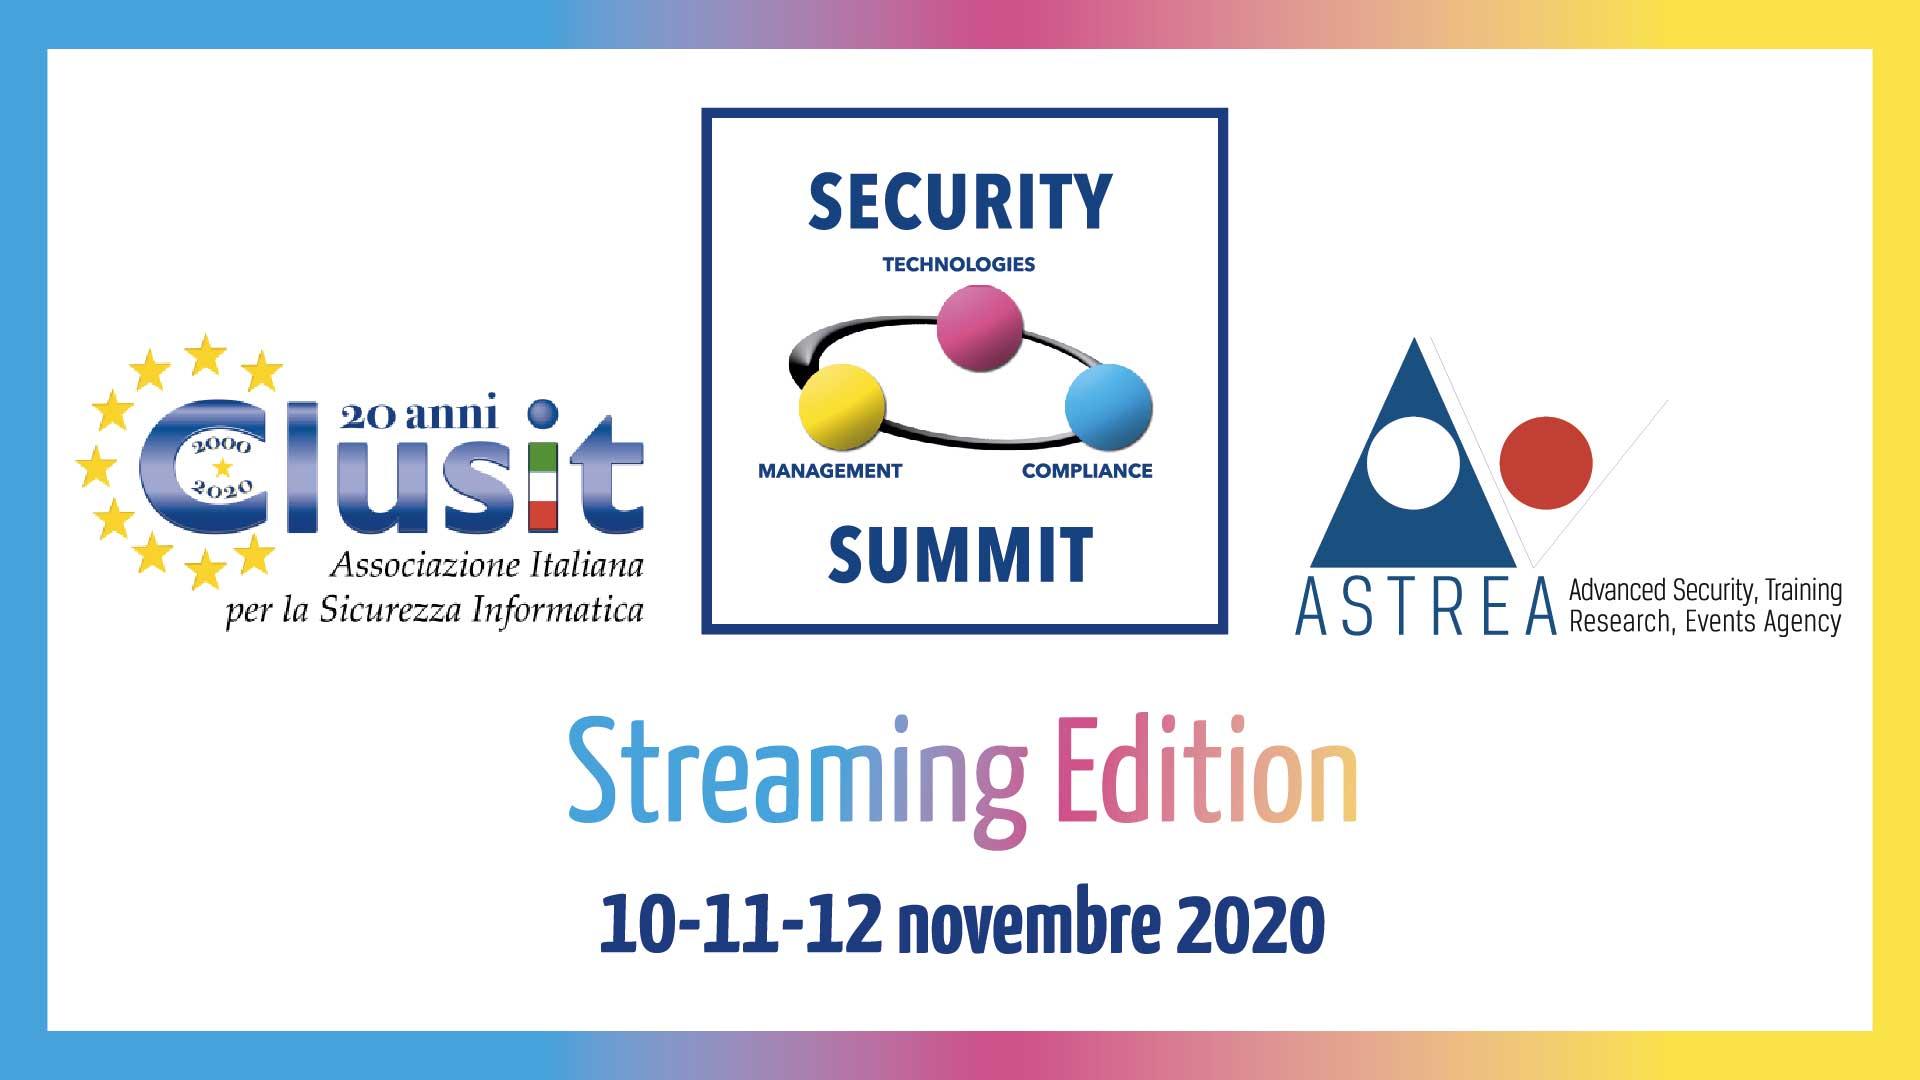 Security Summit Streaming Edition, al via i tre giorni dedicati alla sicurezza informatica thumbnail